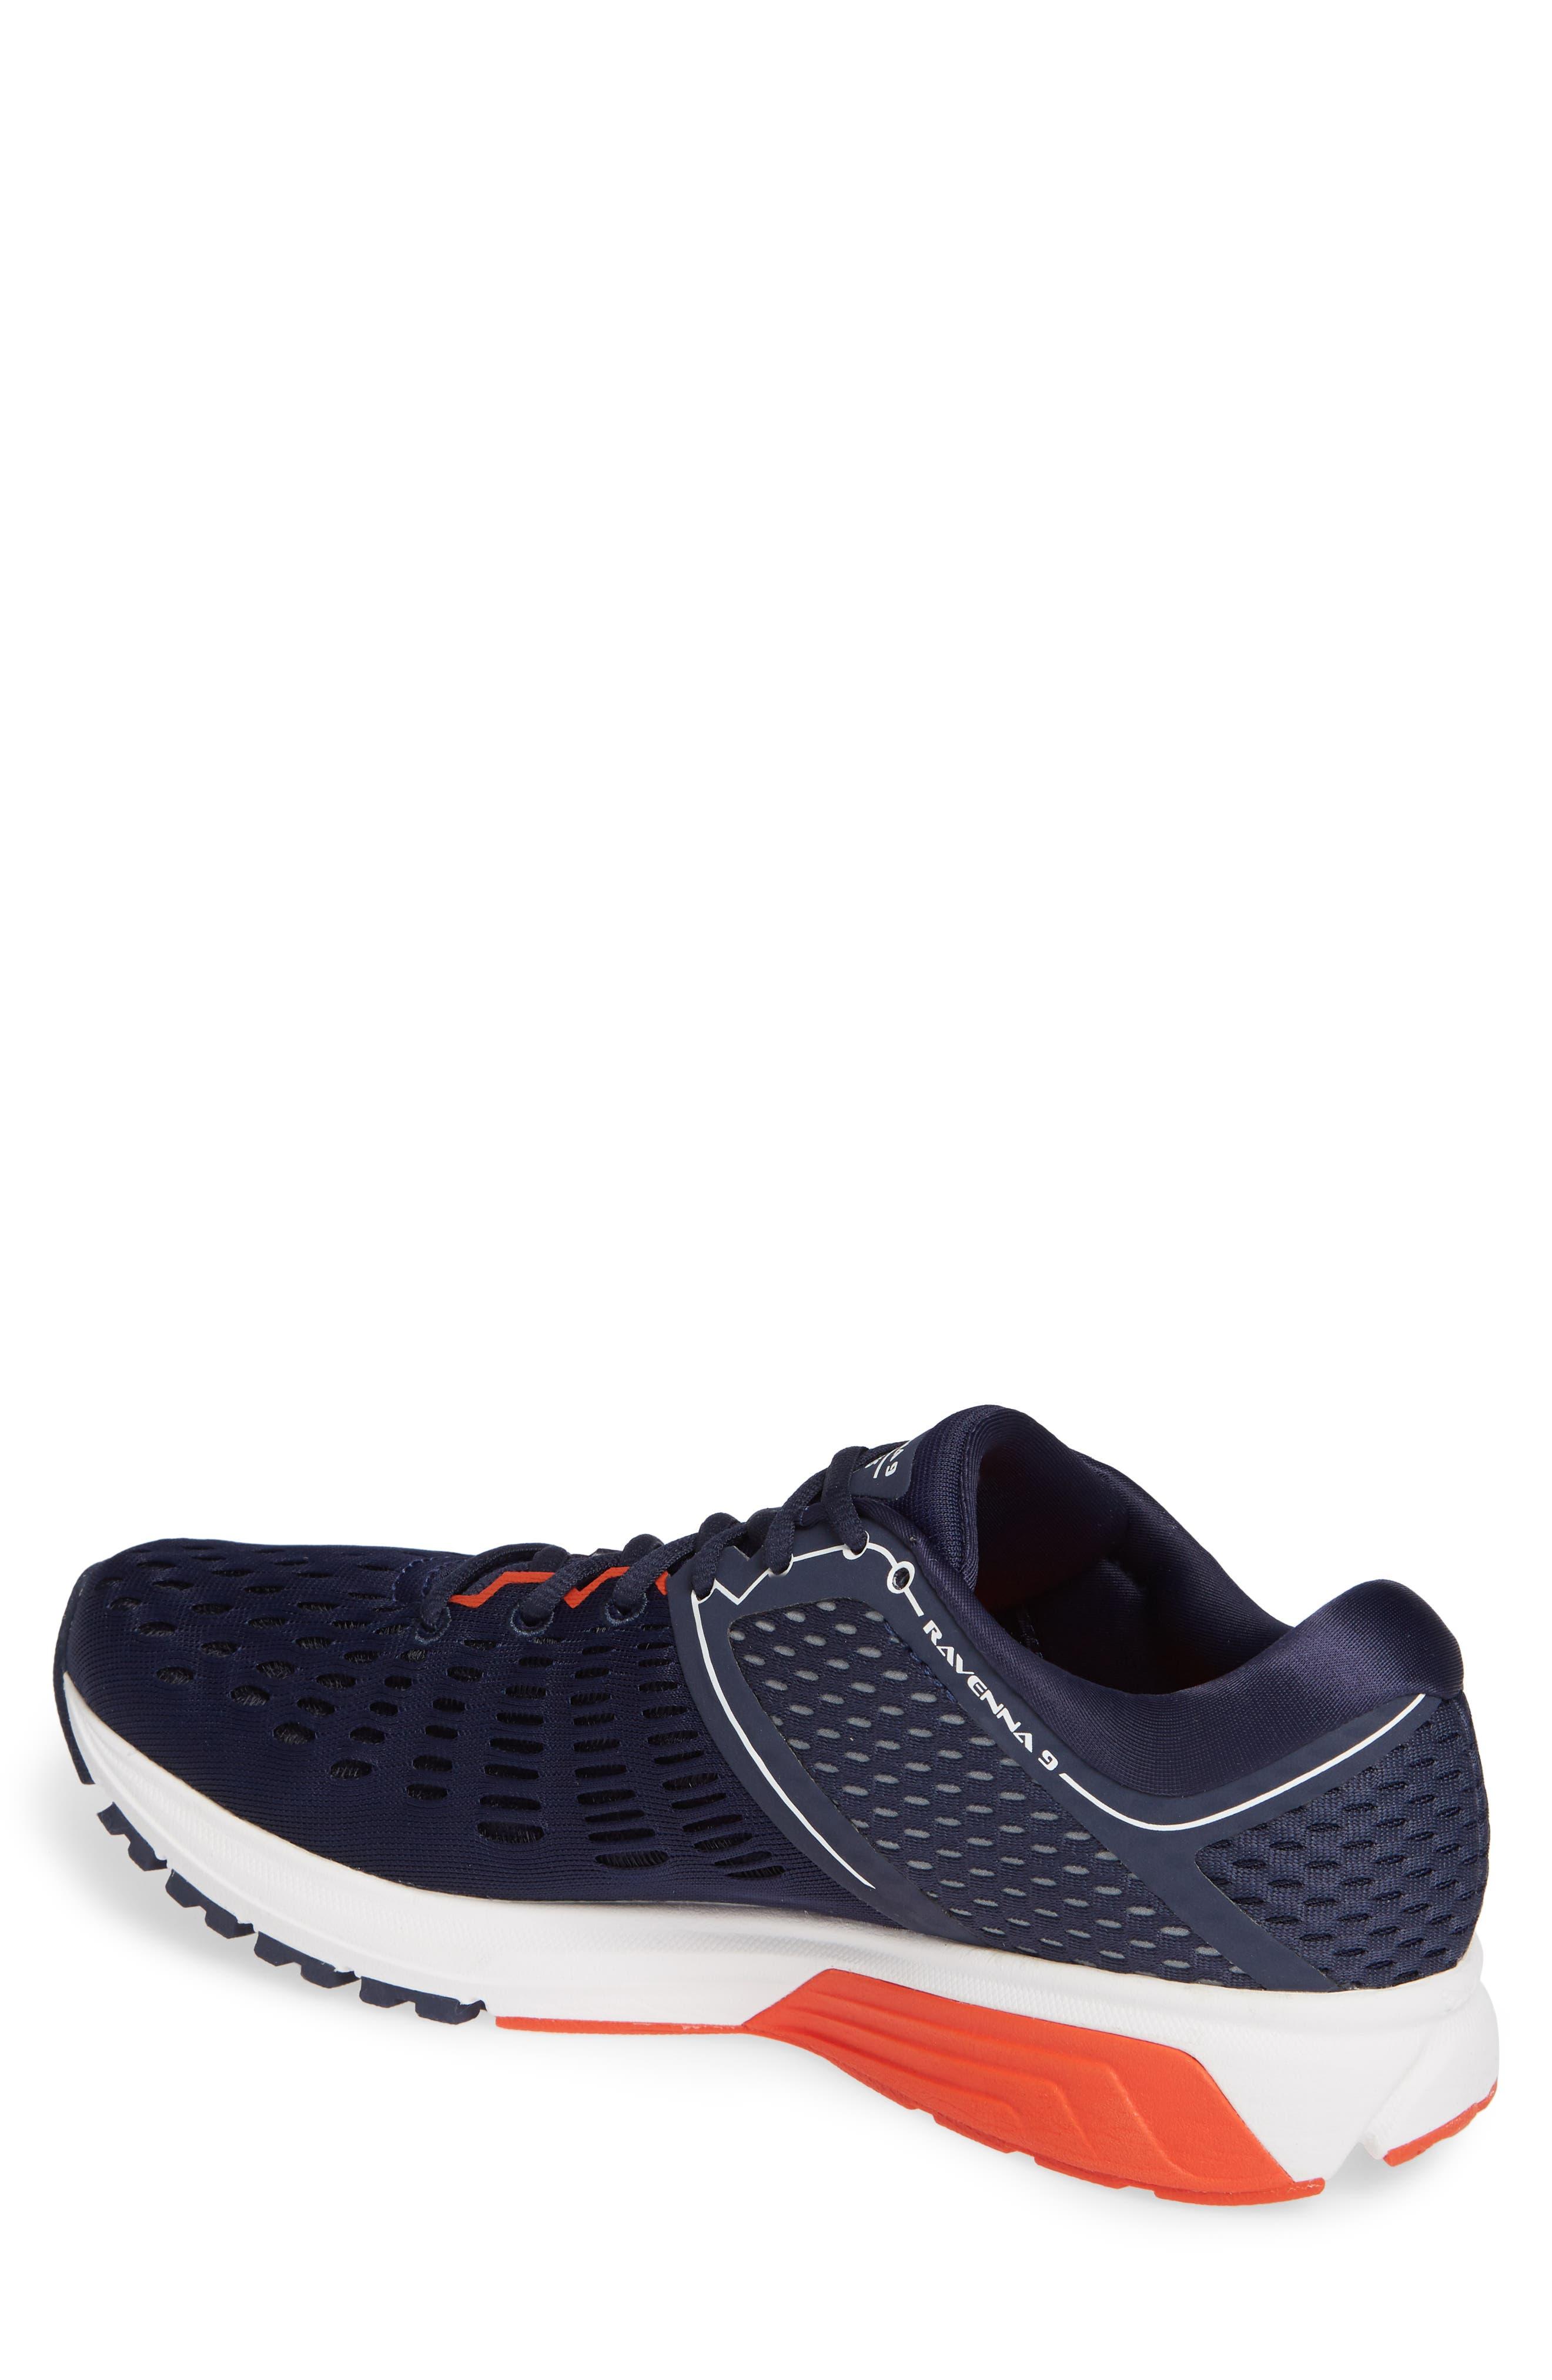 Ravenna 9 Running Shoe,                             Alternate thumbnail 2, color,                             Navy/ White/ Orange